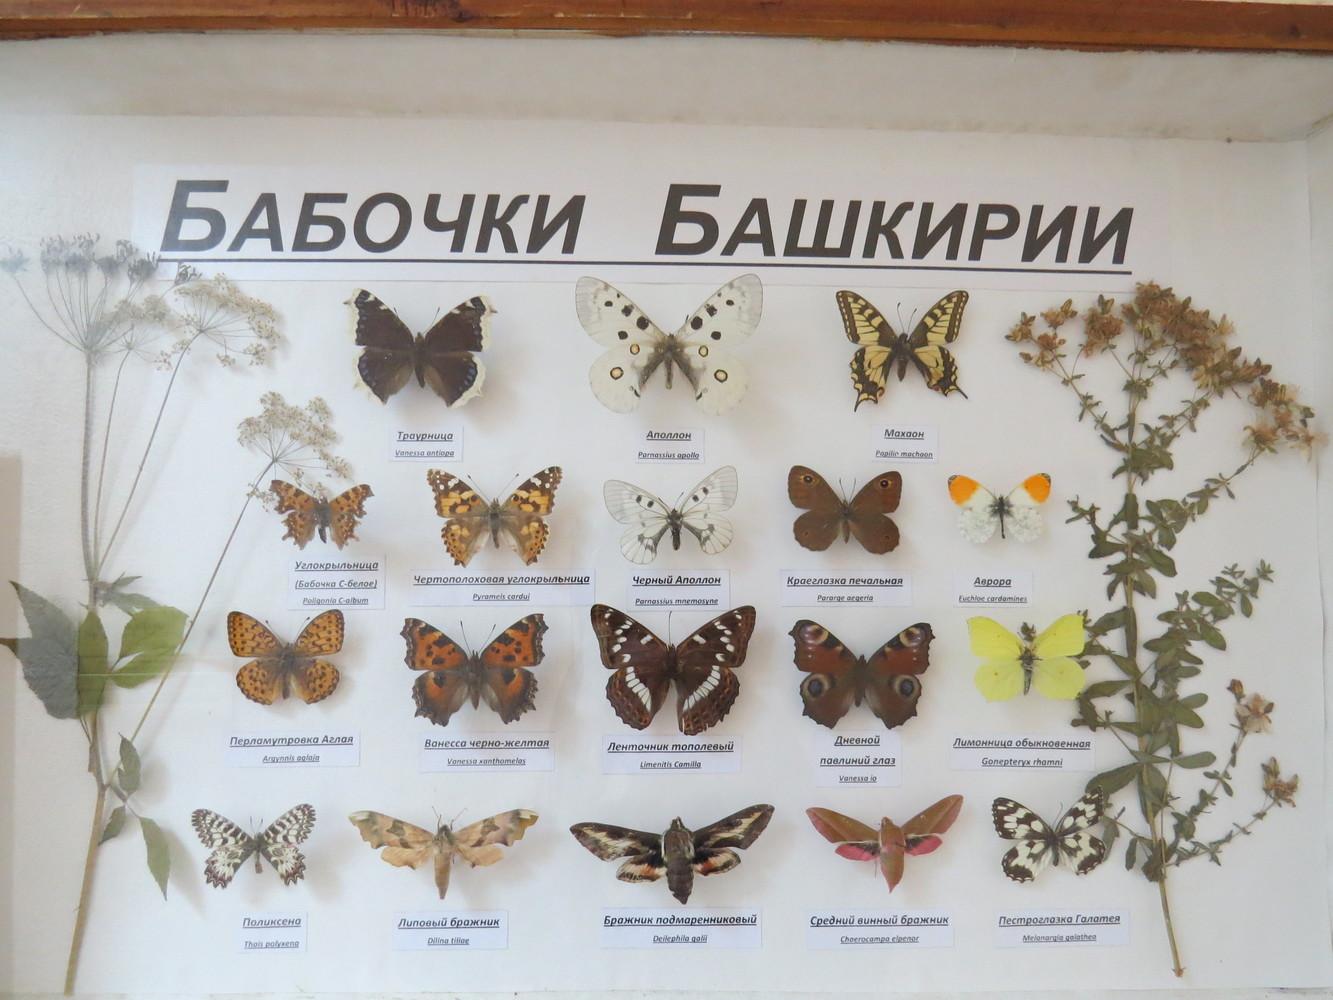 Бабочка - 165 фото разнообразных и самых удивительных бабочек